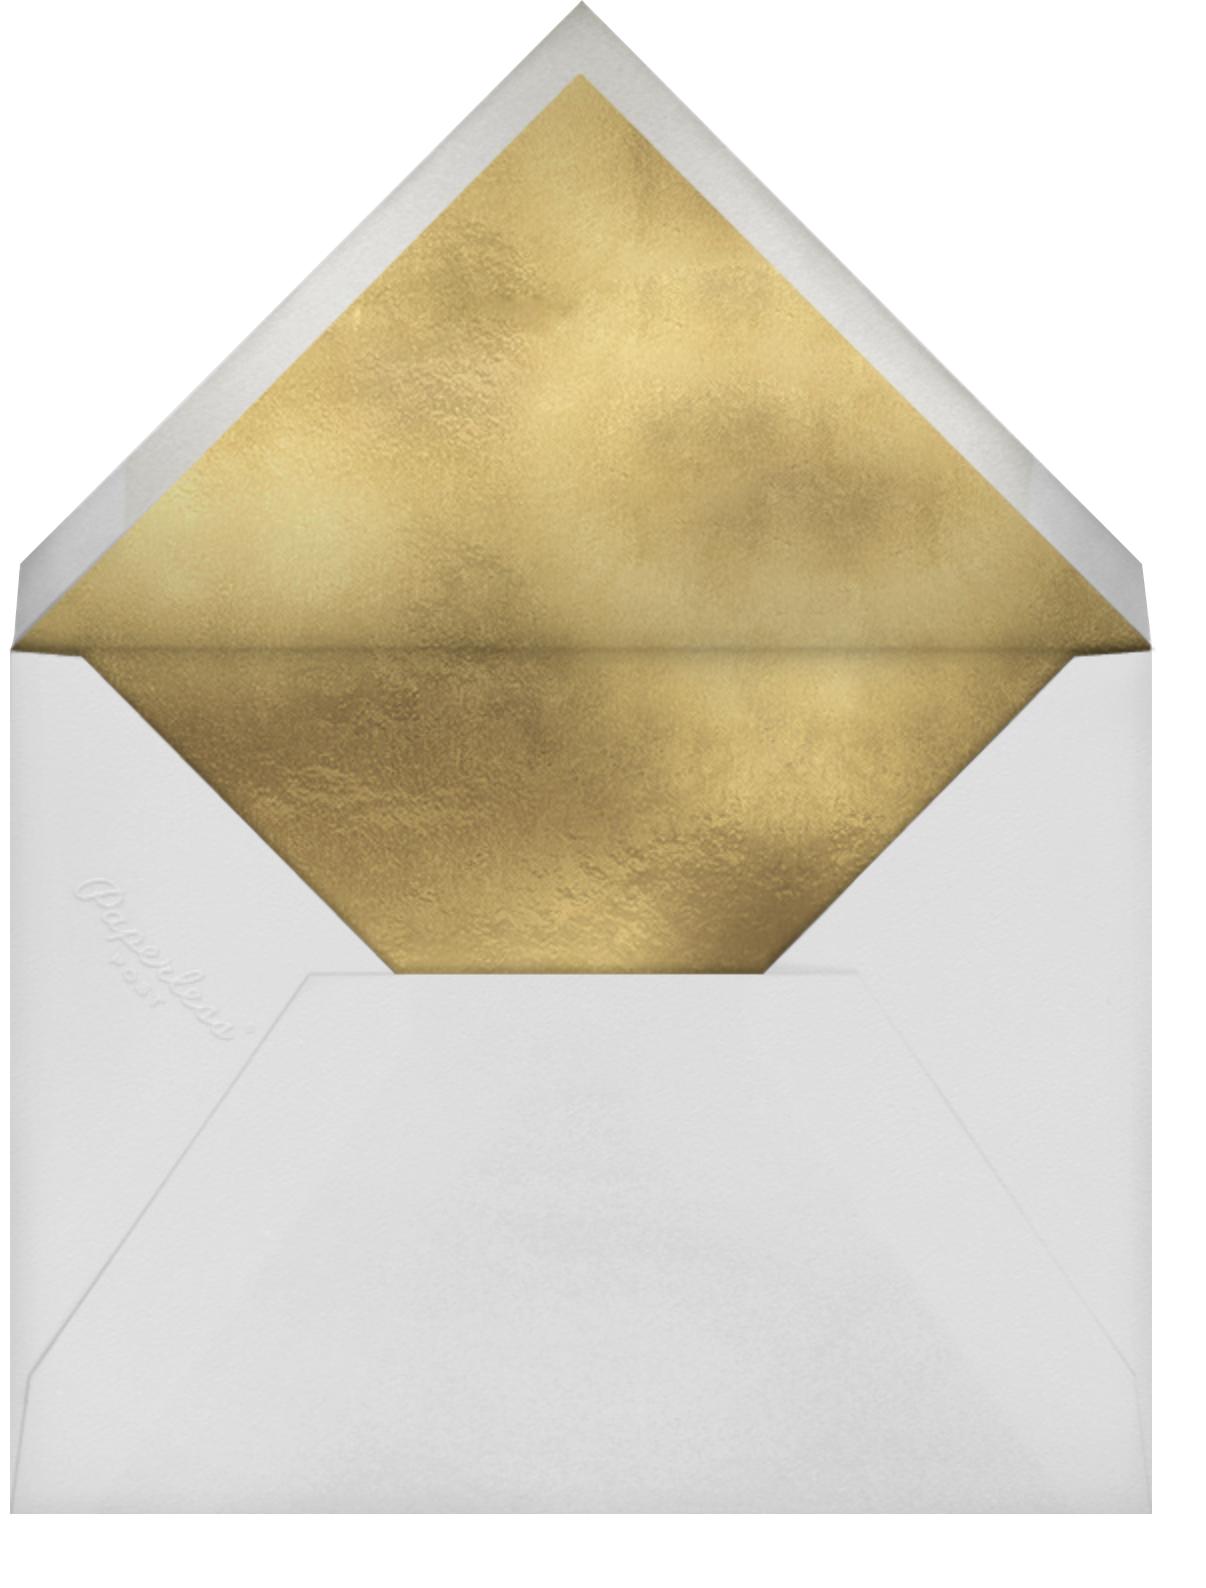 Toile de Joy - Cream - Oscar de la Renta - Envelope